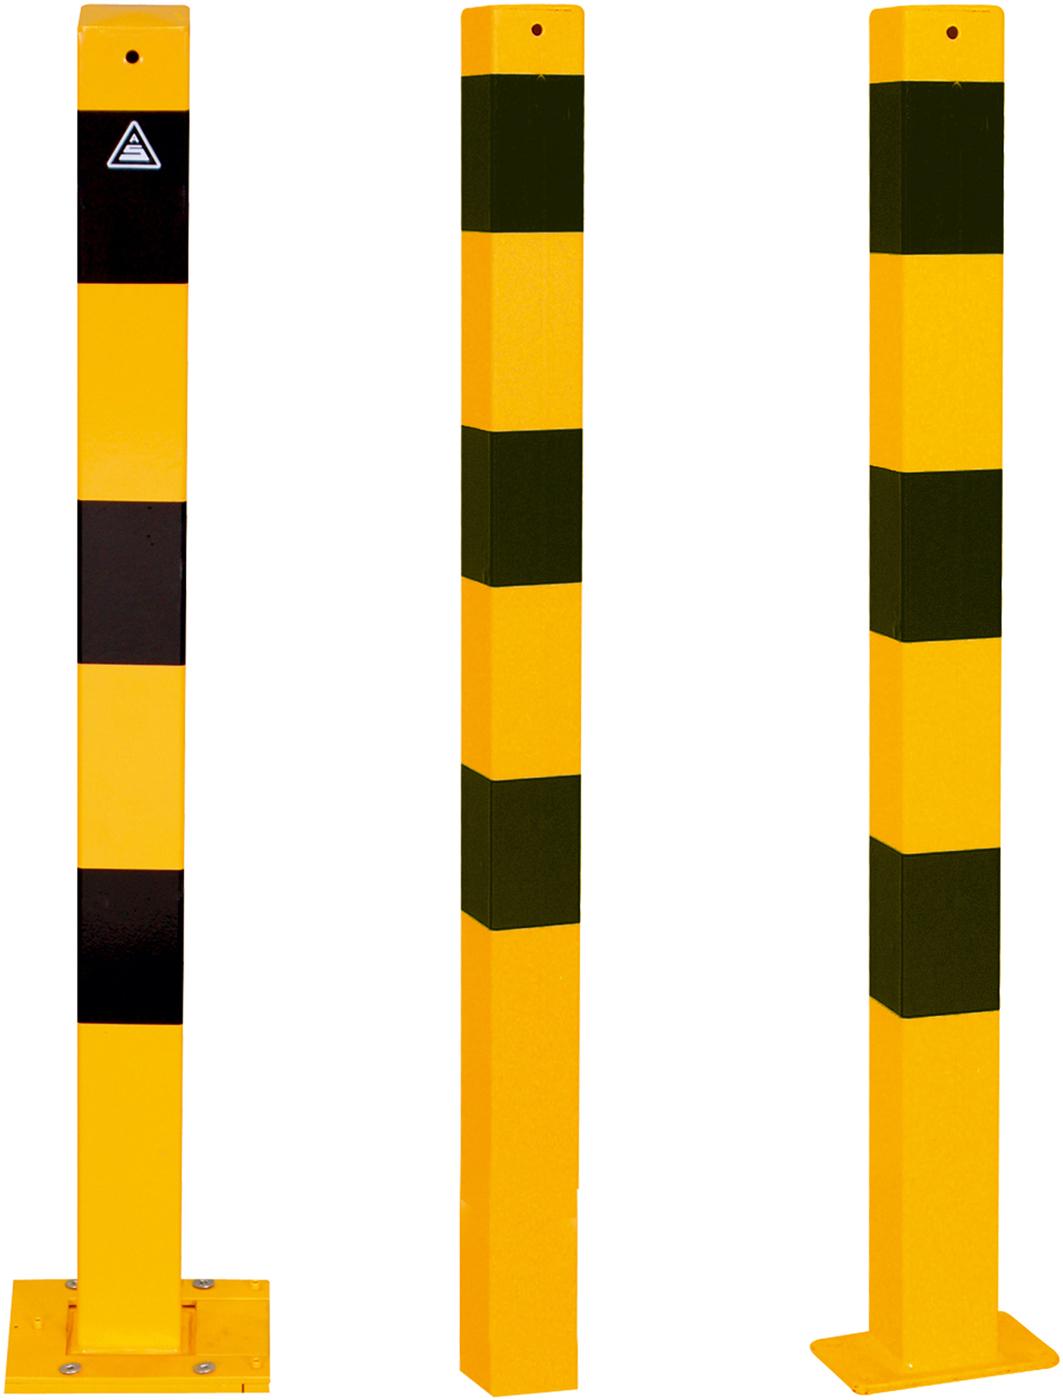 Schake Absperrpfosten 70 x 70 mm gelb | schwarz